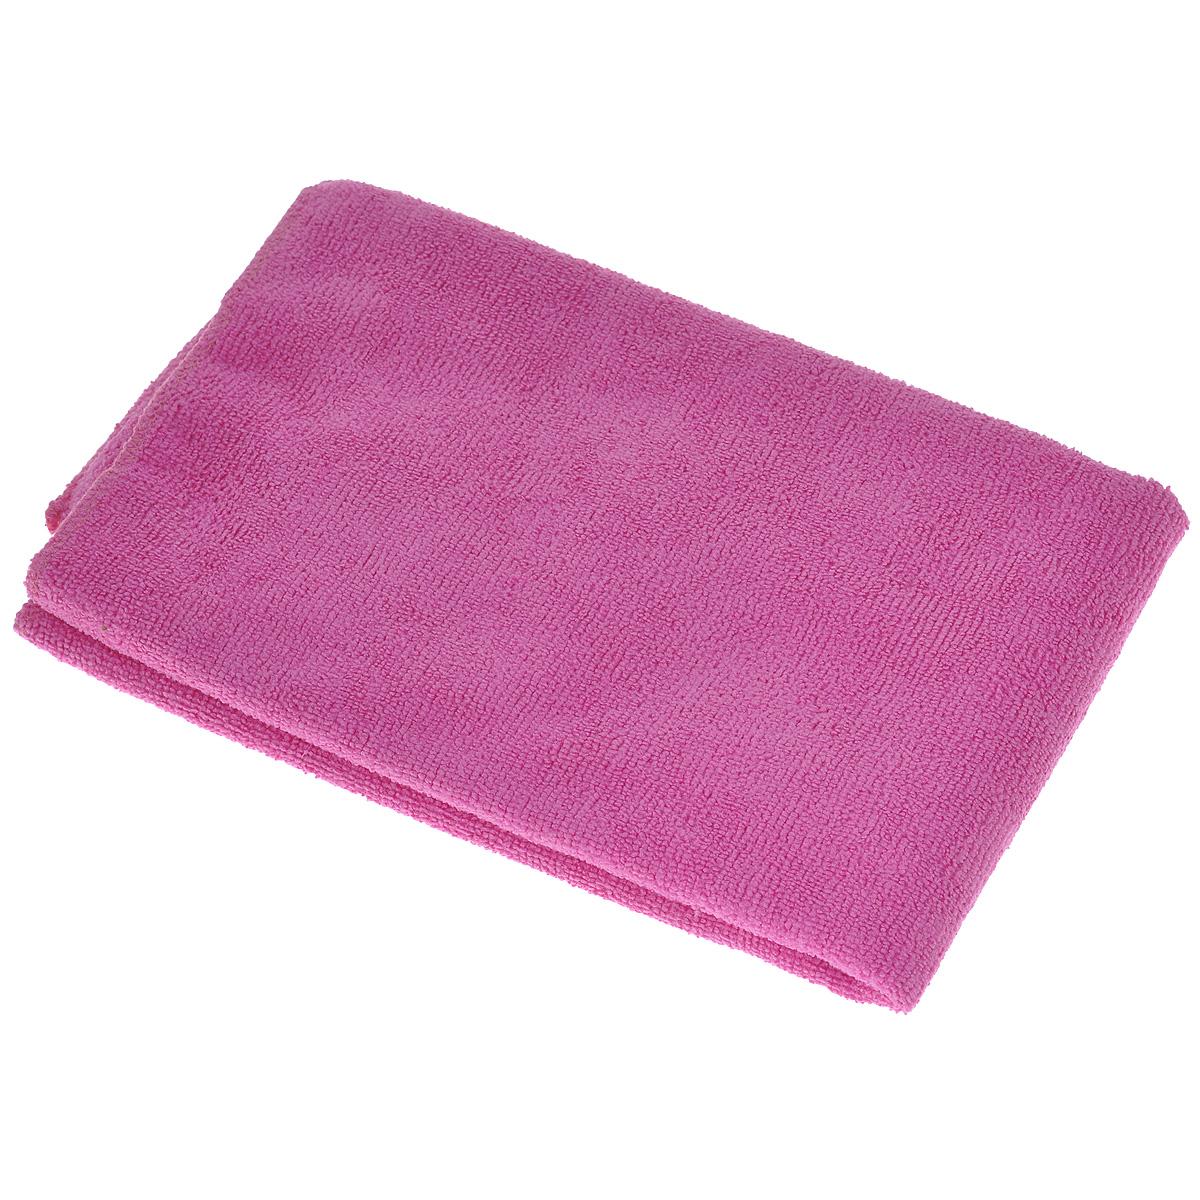 Тряпка для пола Eva, цвет: розовый, 50 см х 60 смЕ73_розовыйТряпка для пола Eva выполнена из микрофибры (полиэстера и полиамида). Благодаря микроструктуре волокон она проникает в поры материалов, а поэтому может удалять загрязнения без применения химических средств. Тряпка удерживает влагу, не оставляет разводов и ворса.